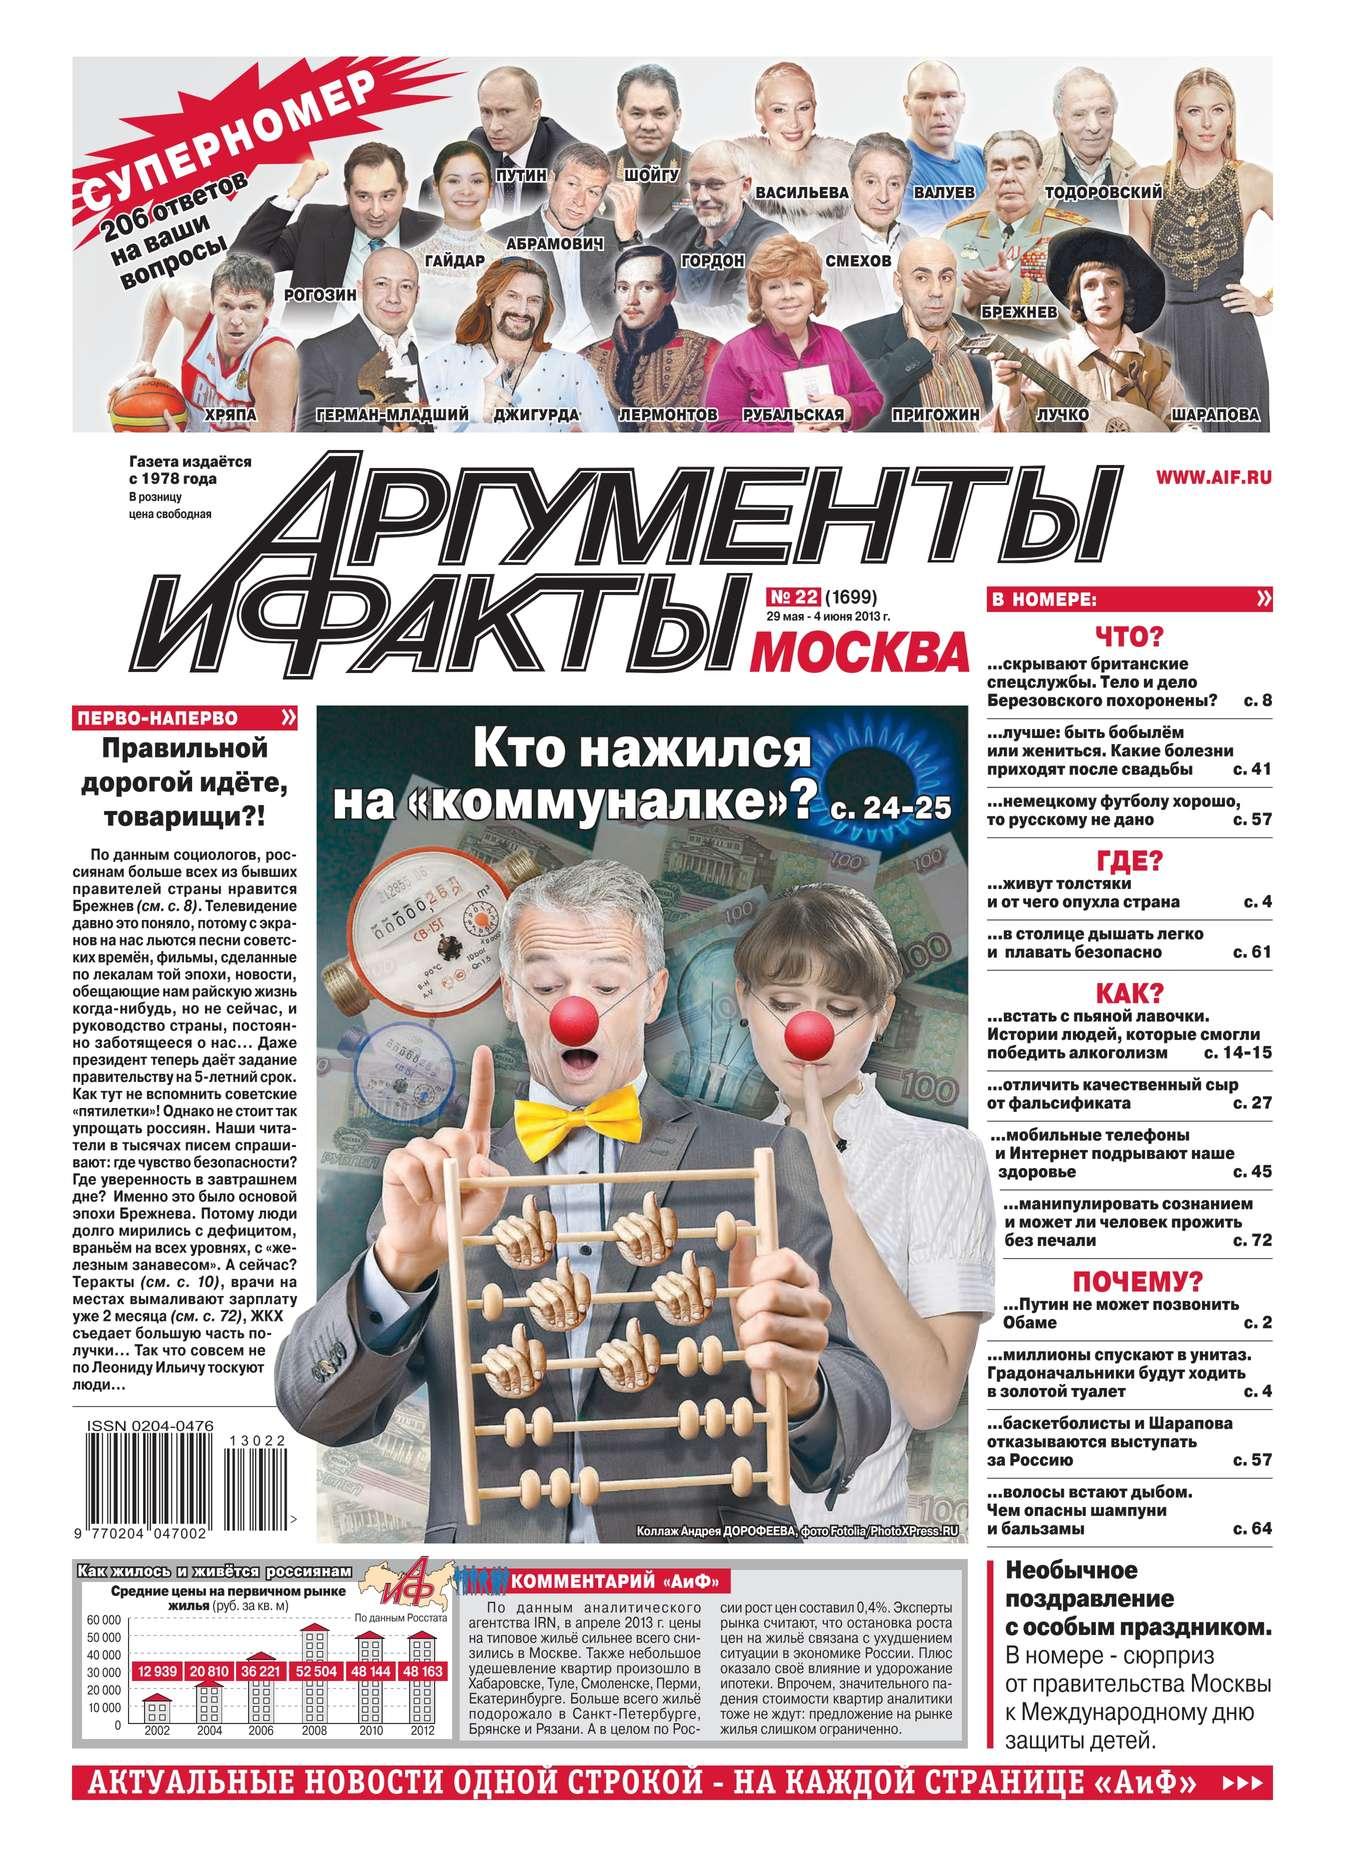 Редакция журнала Аиф. Про Кухню Аргументы и факты 22-2013 цена в Москве и Питере